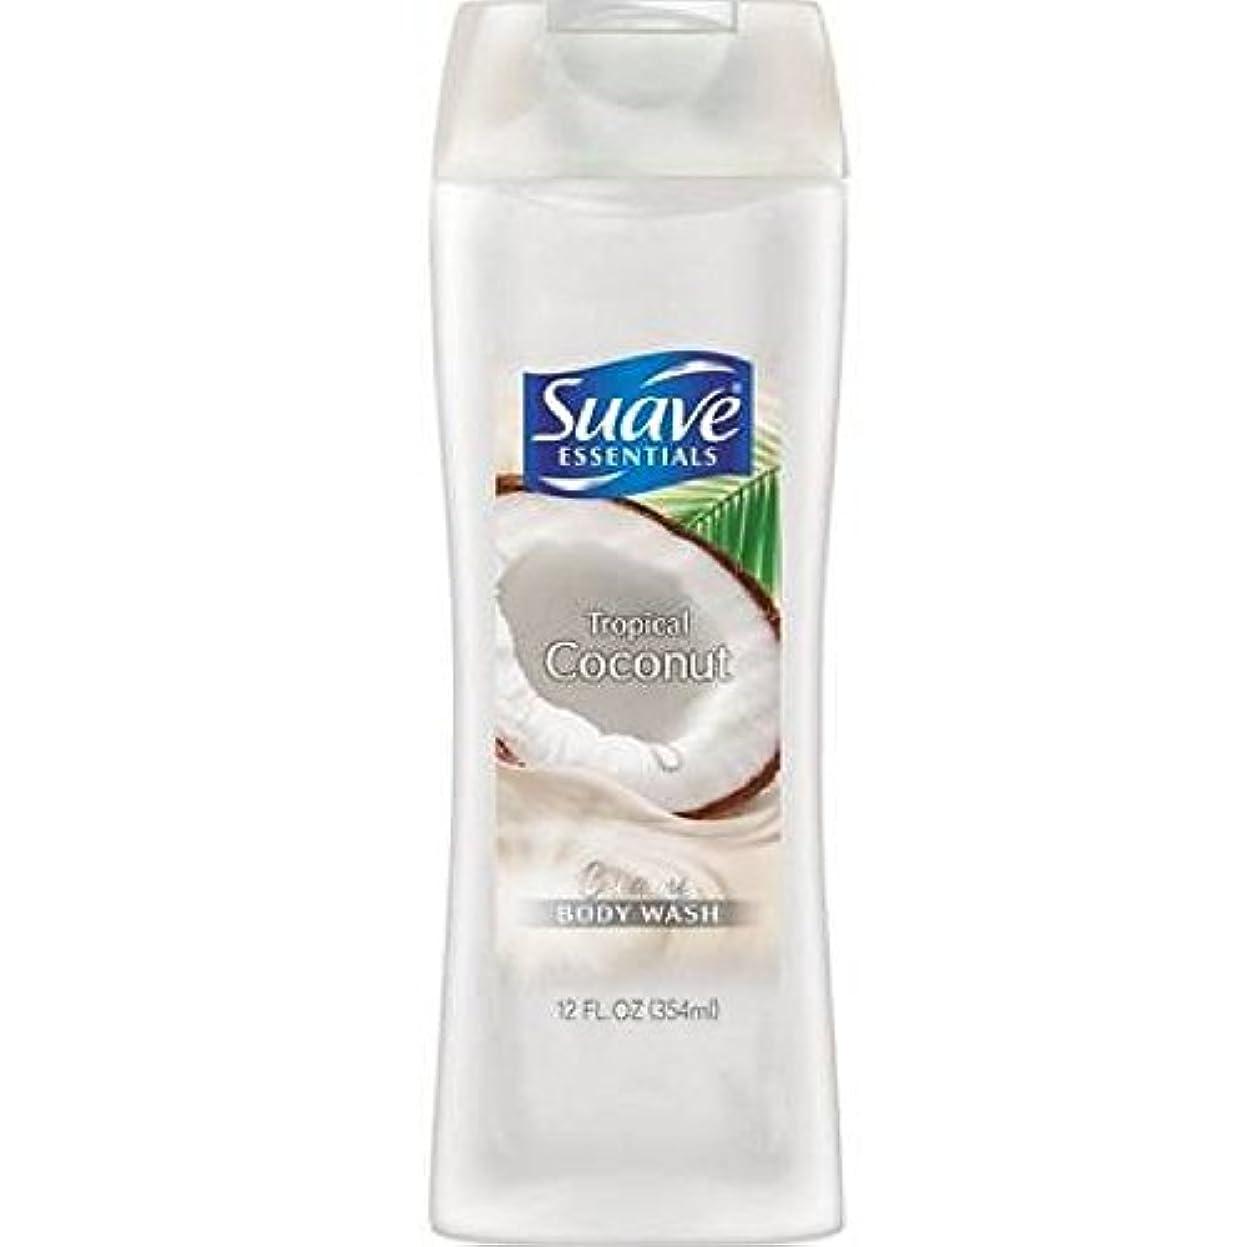 施し抵抗する透過性Suave Naturals Body Wash - Tropical Coconut - 12 oz - 2 pk by Suave [並行輸入品]